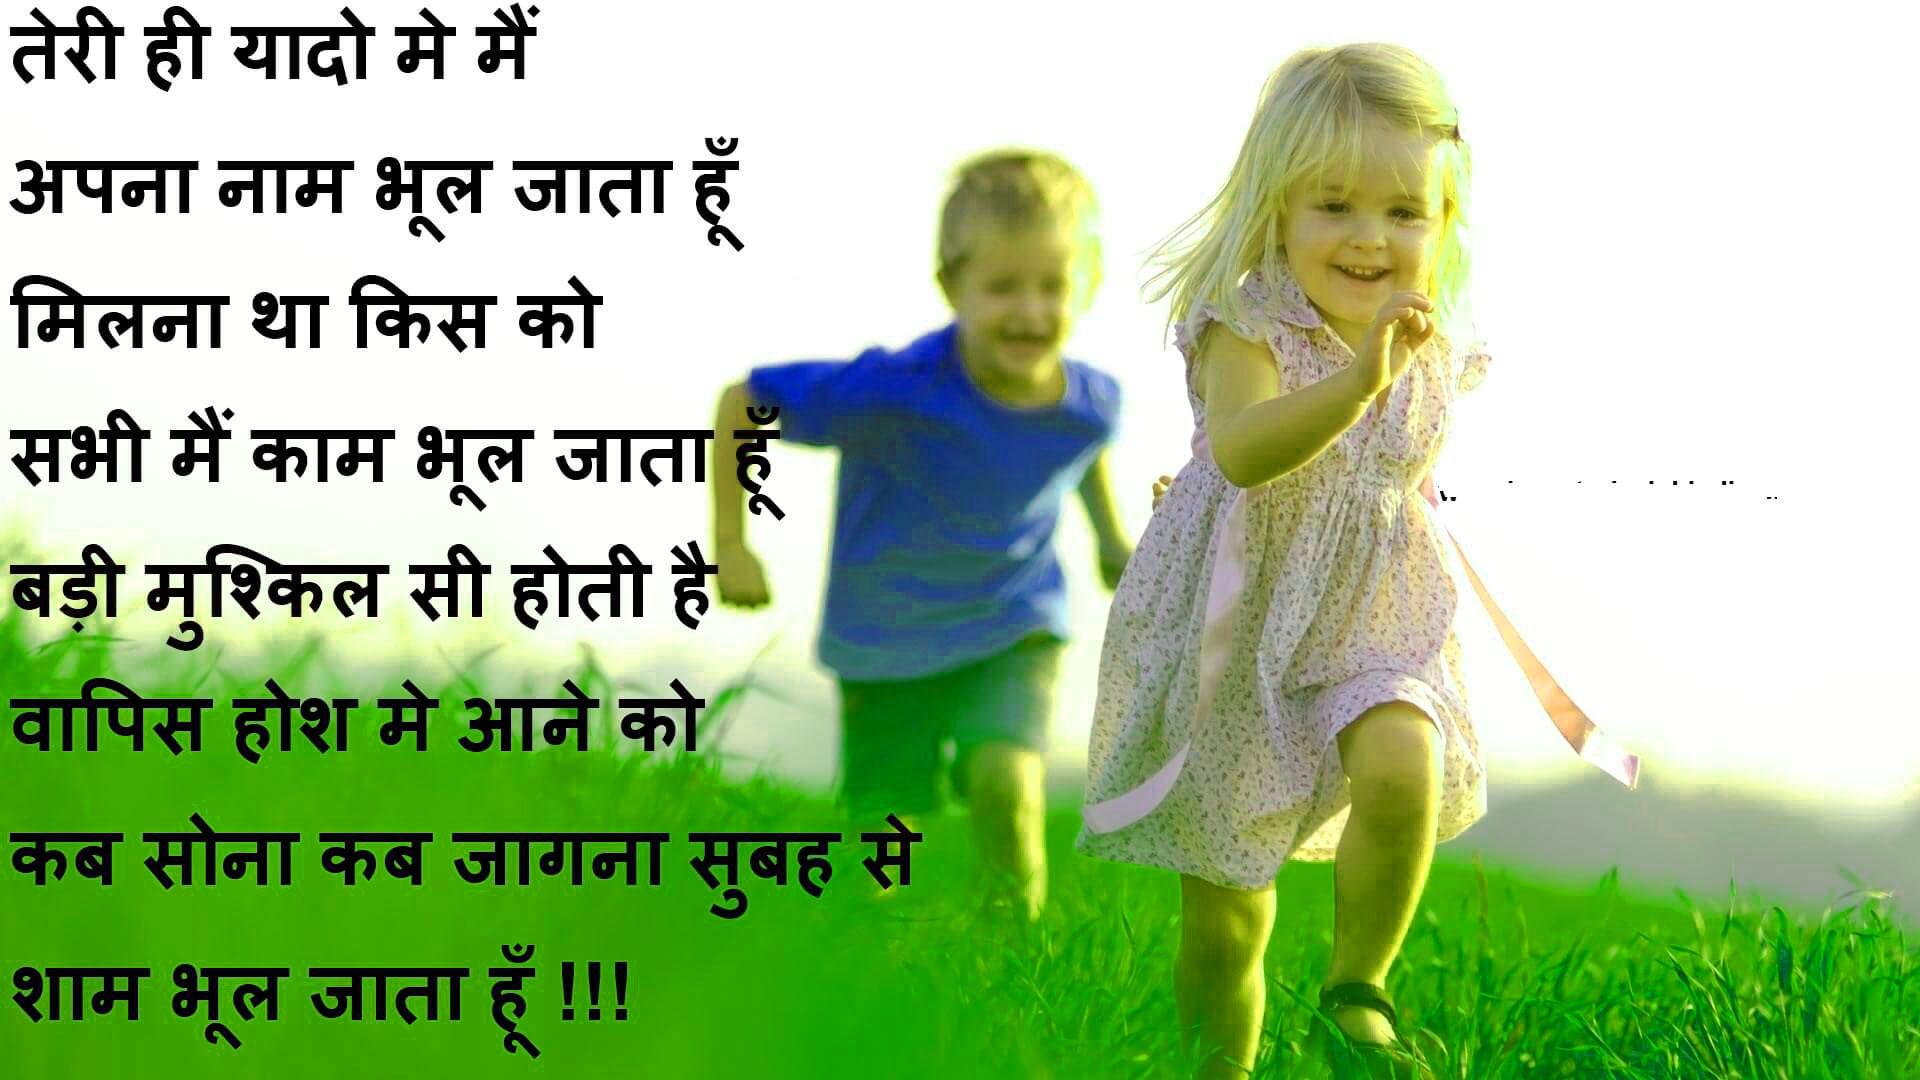 Best Hindi Love Shayari Quotes Whatsapp Status68